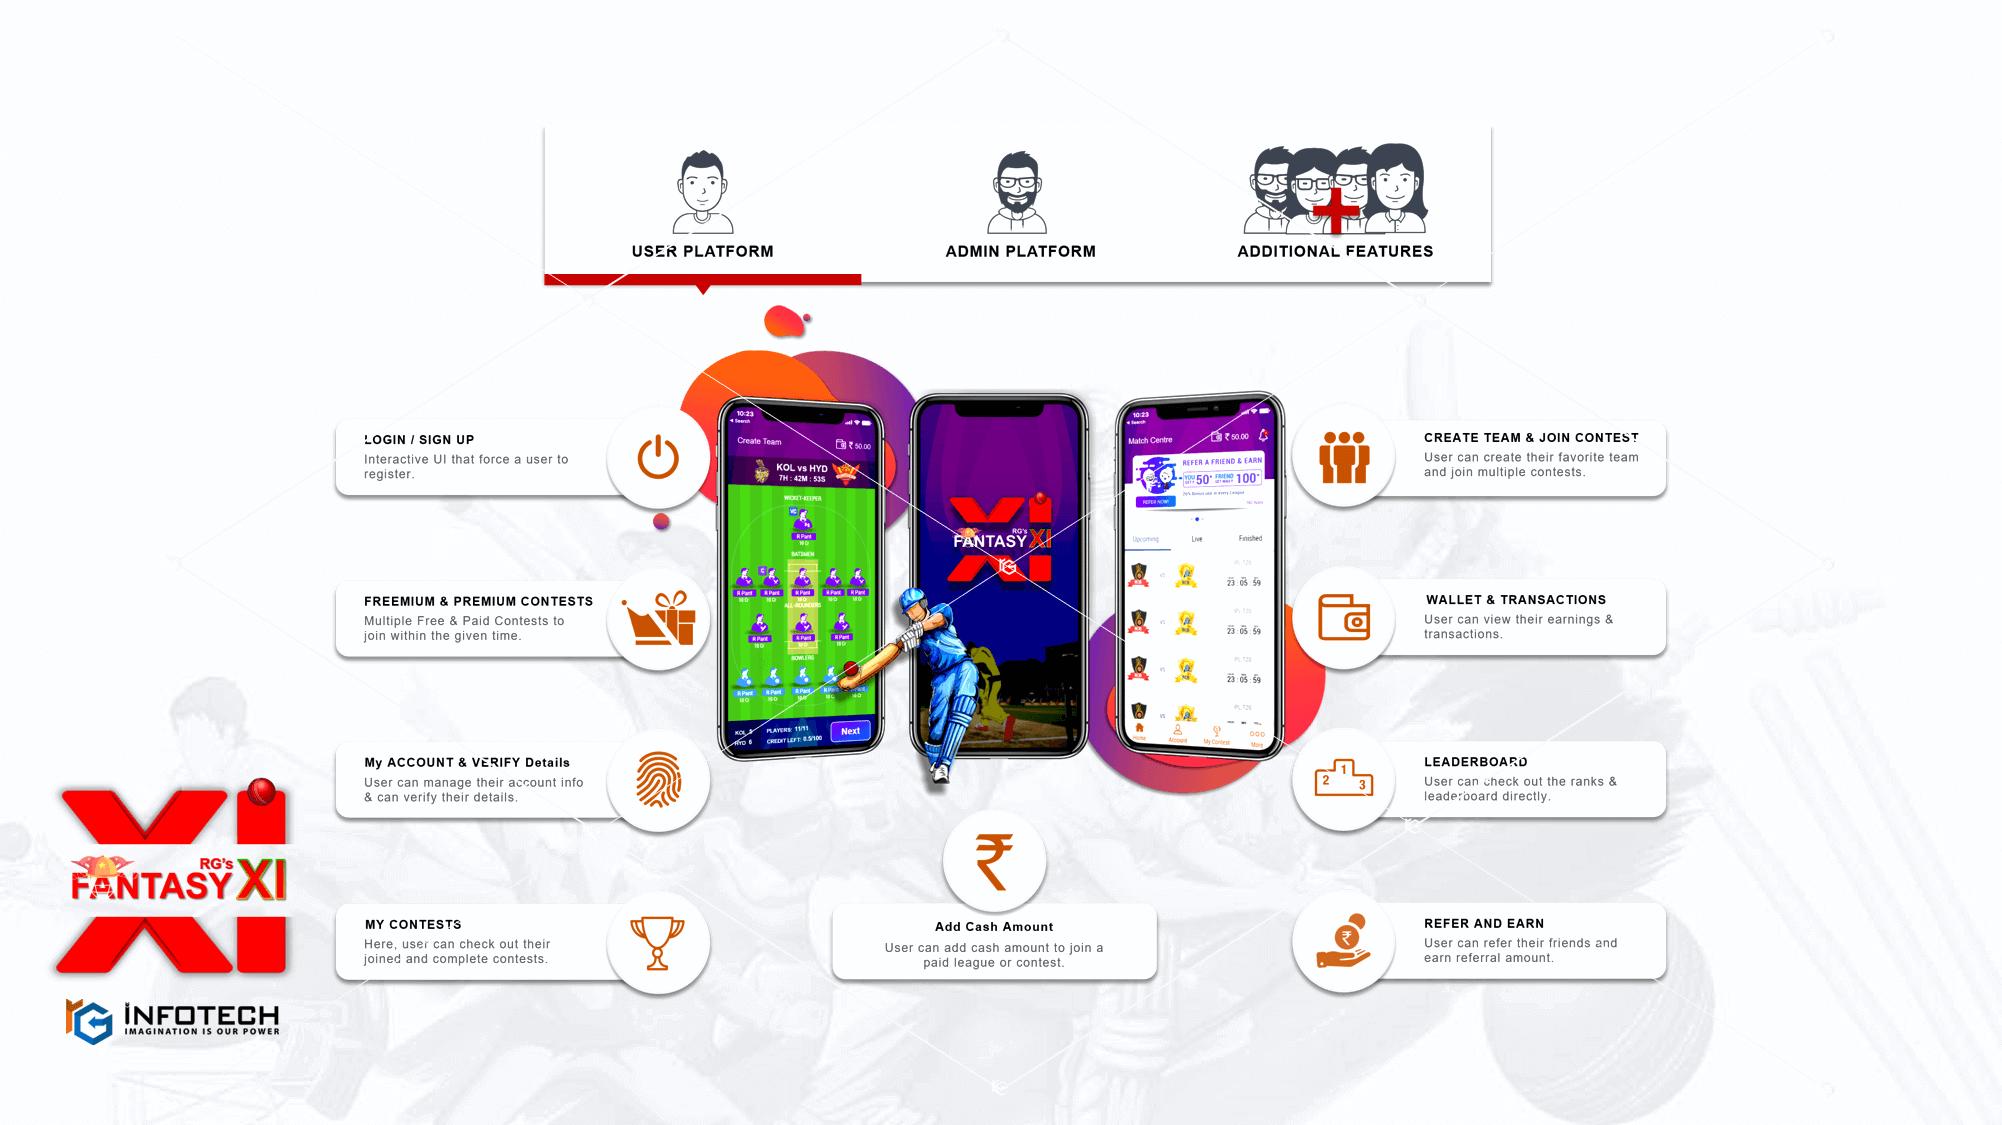 Fantasy Cricket App User Features